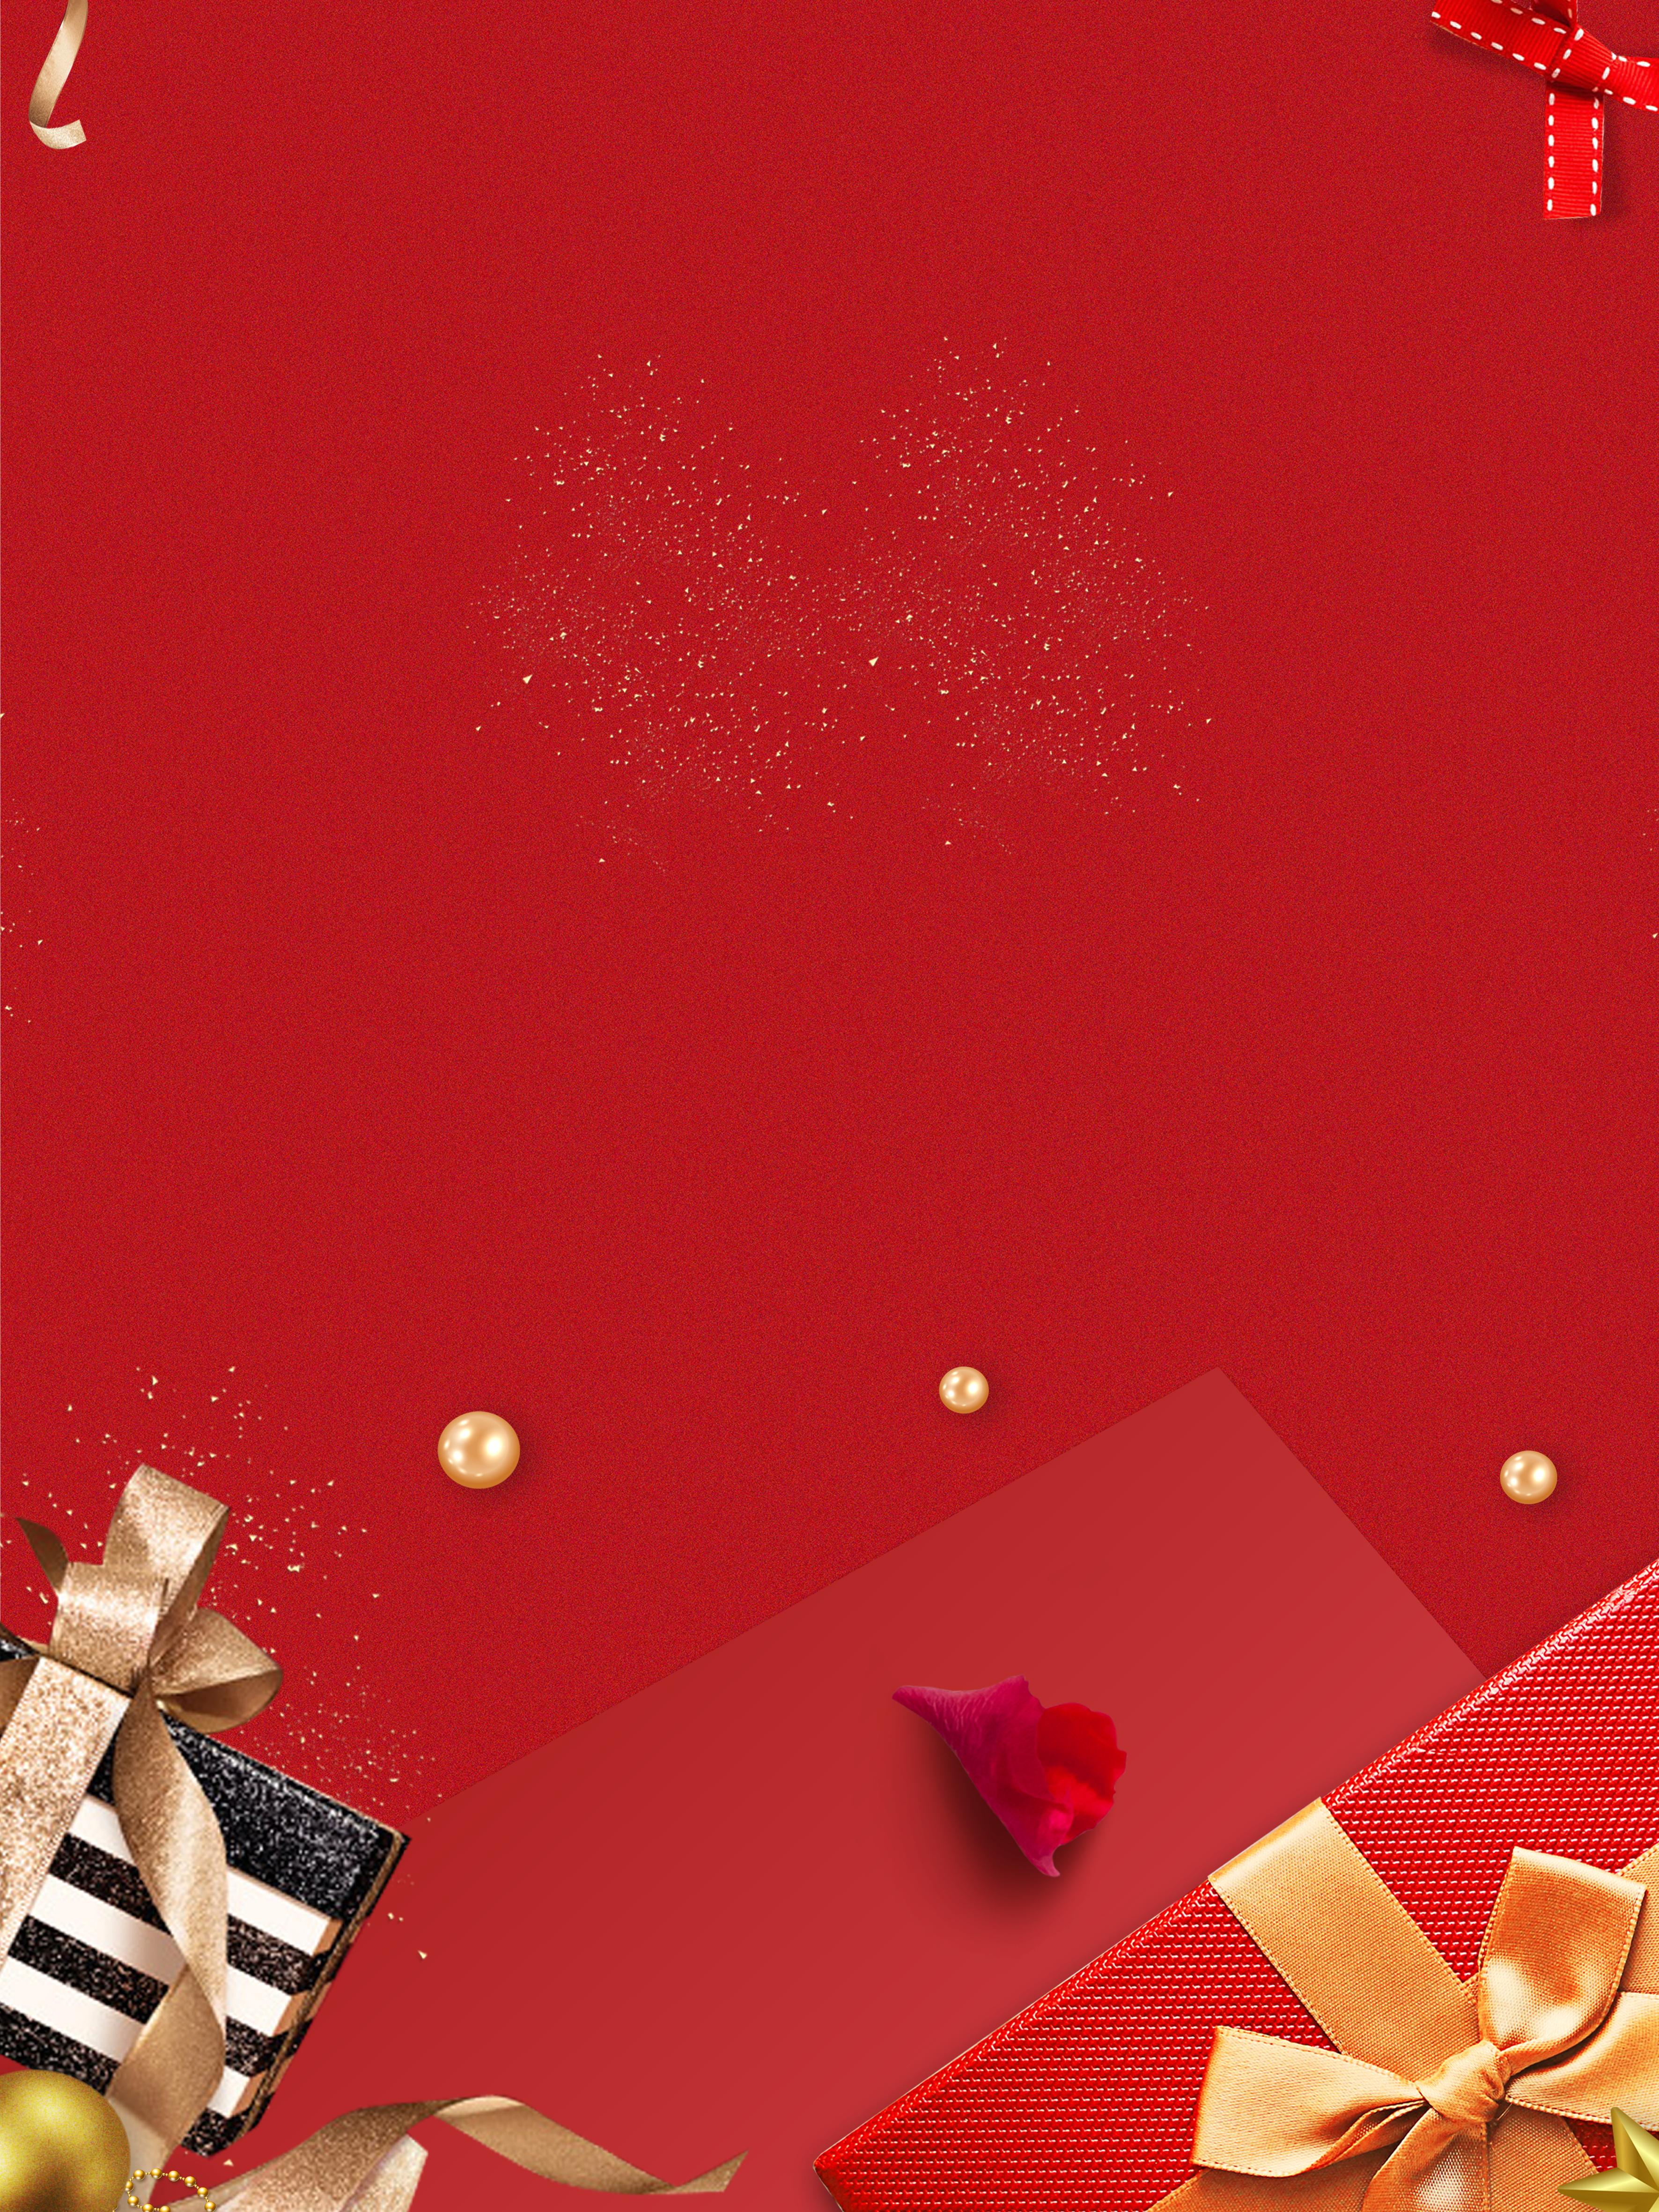 красный фон с подарками вдумайтесь, сколько